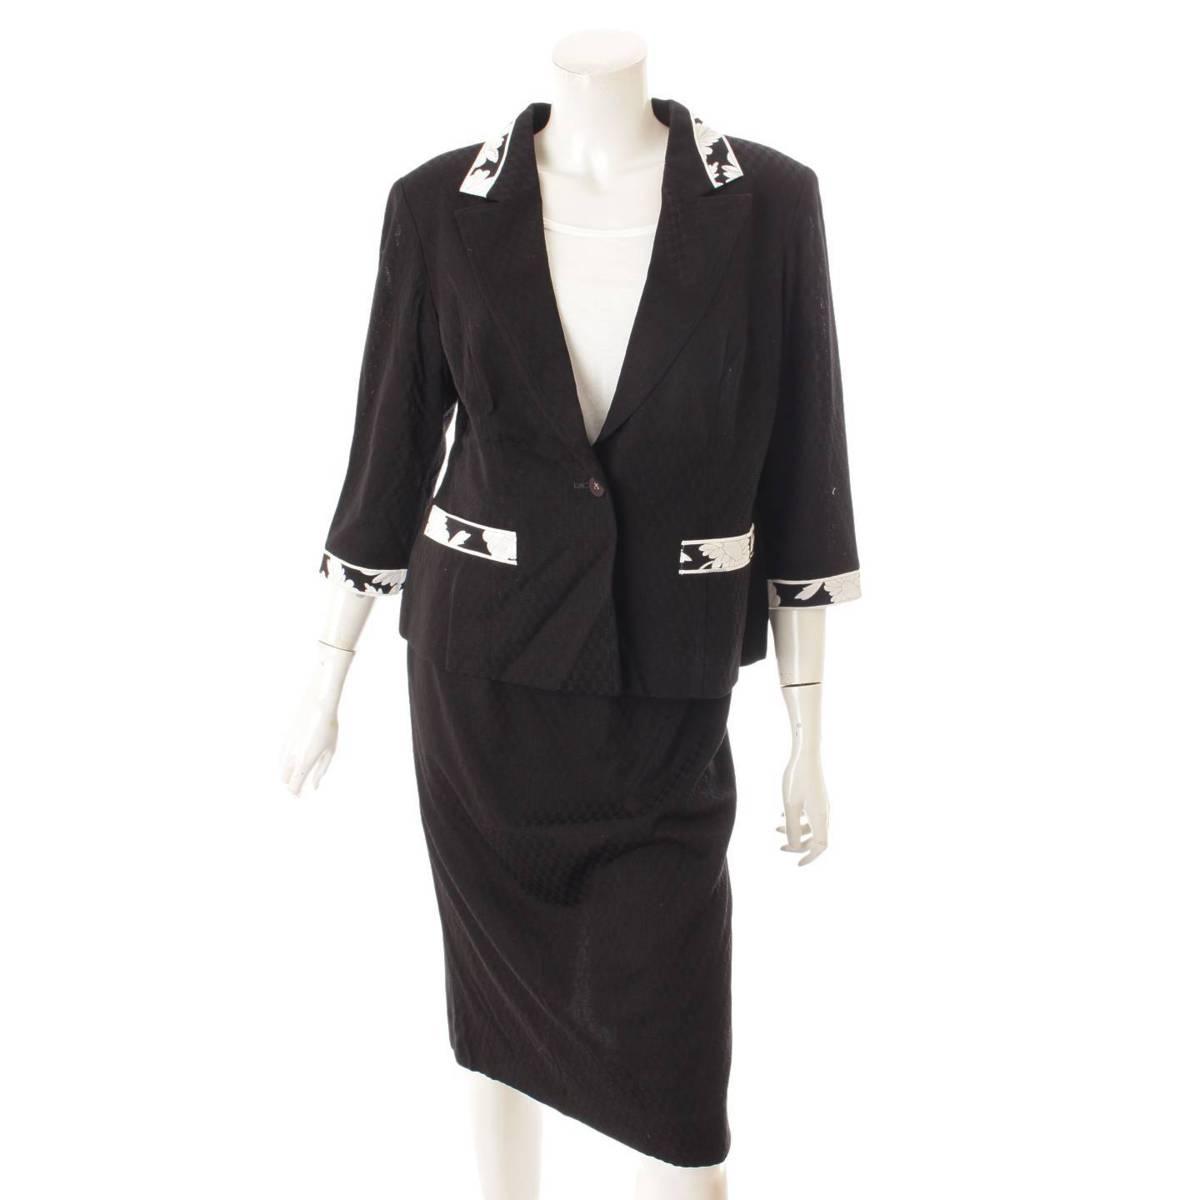 レオナール LEONARD フラワープリント ジャケット 送料無料 新品 スカート セットアップ ブラック ついに入荷 鑑定済 正規品保証 花柄 129771 中古